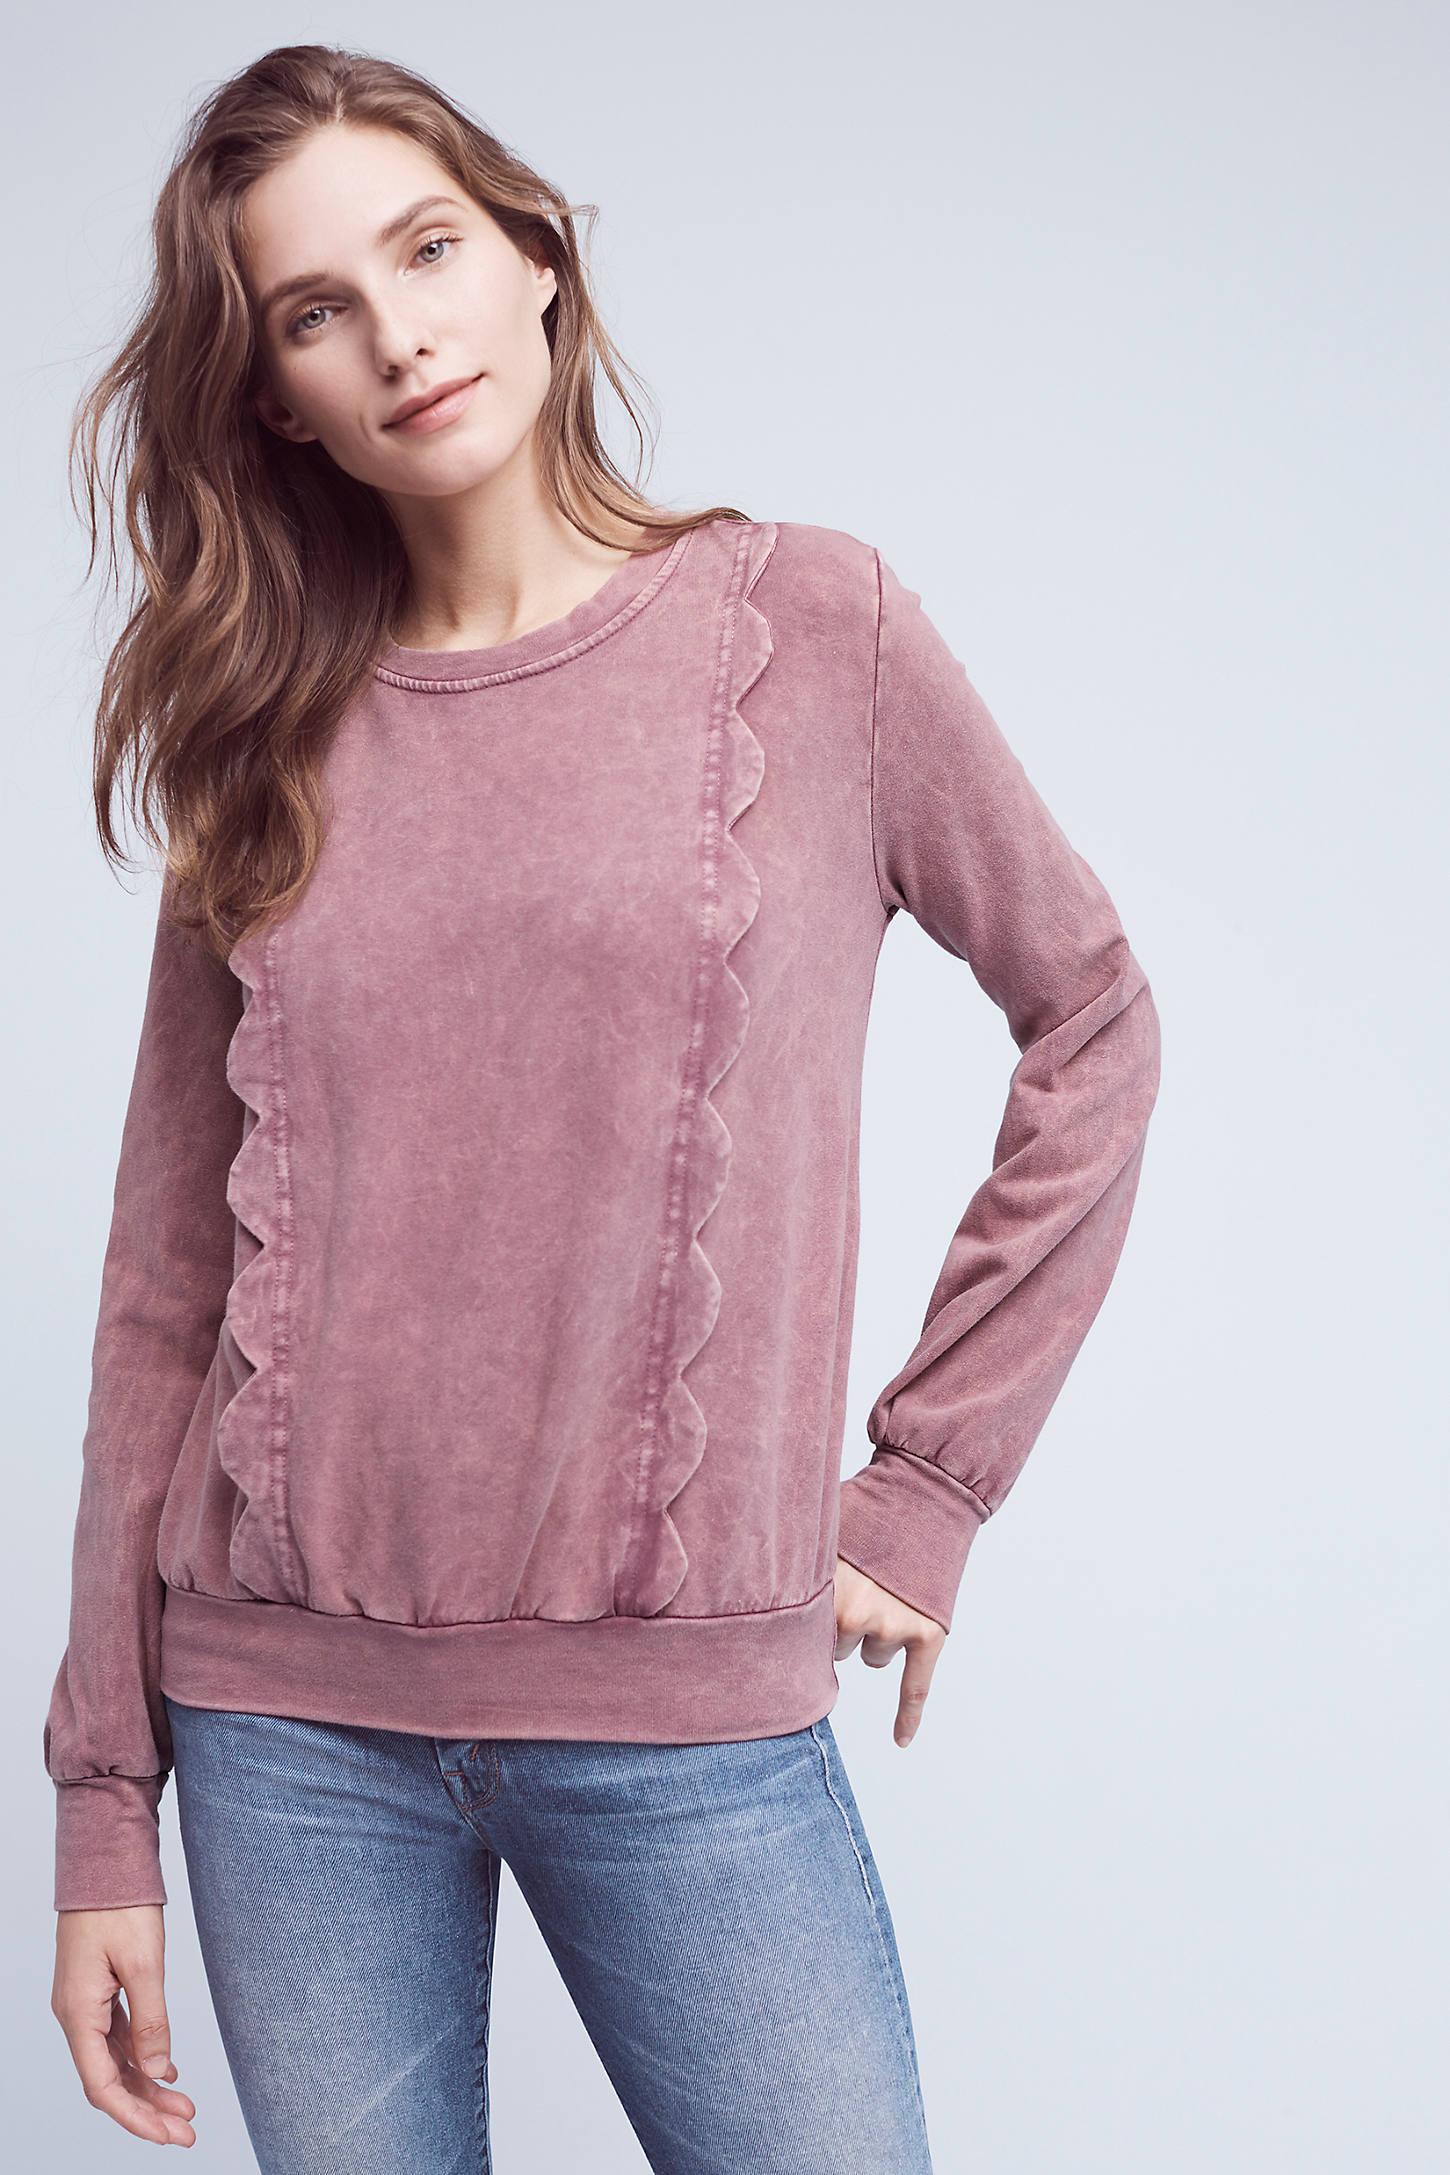 Weckerlie Scalloped Sweatshirt